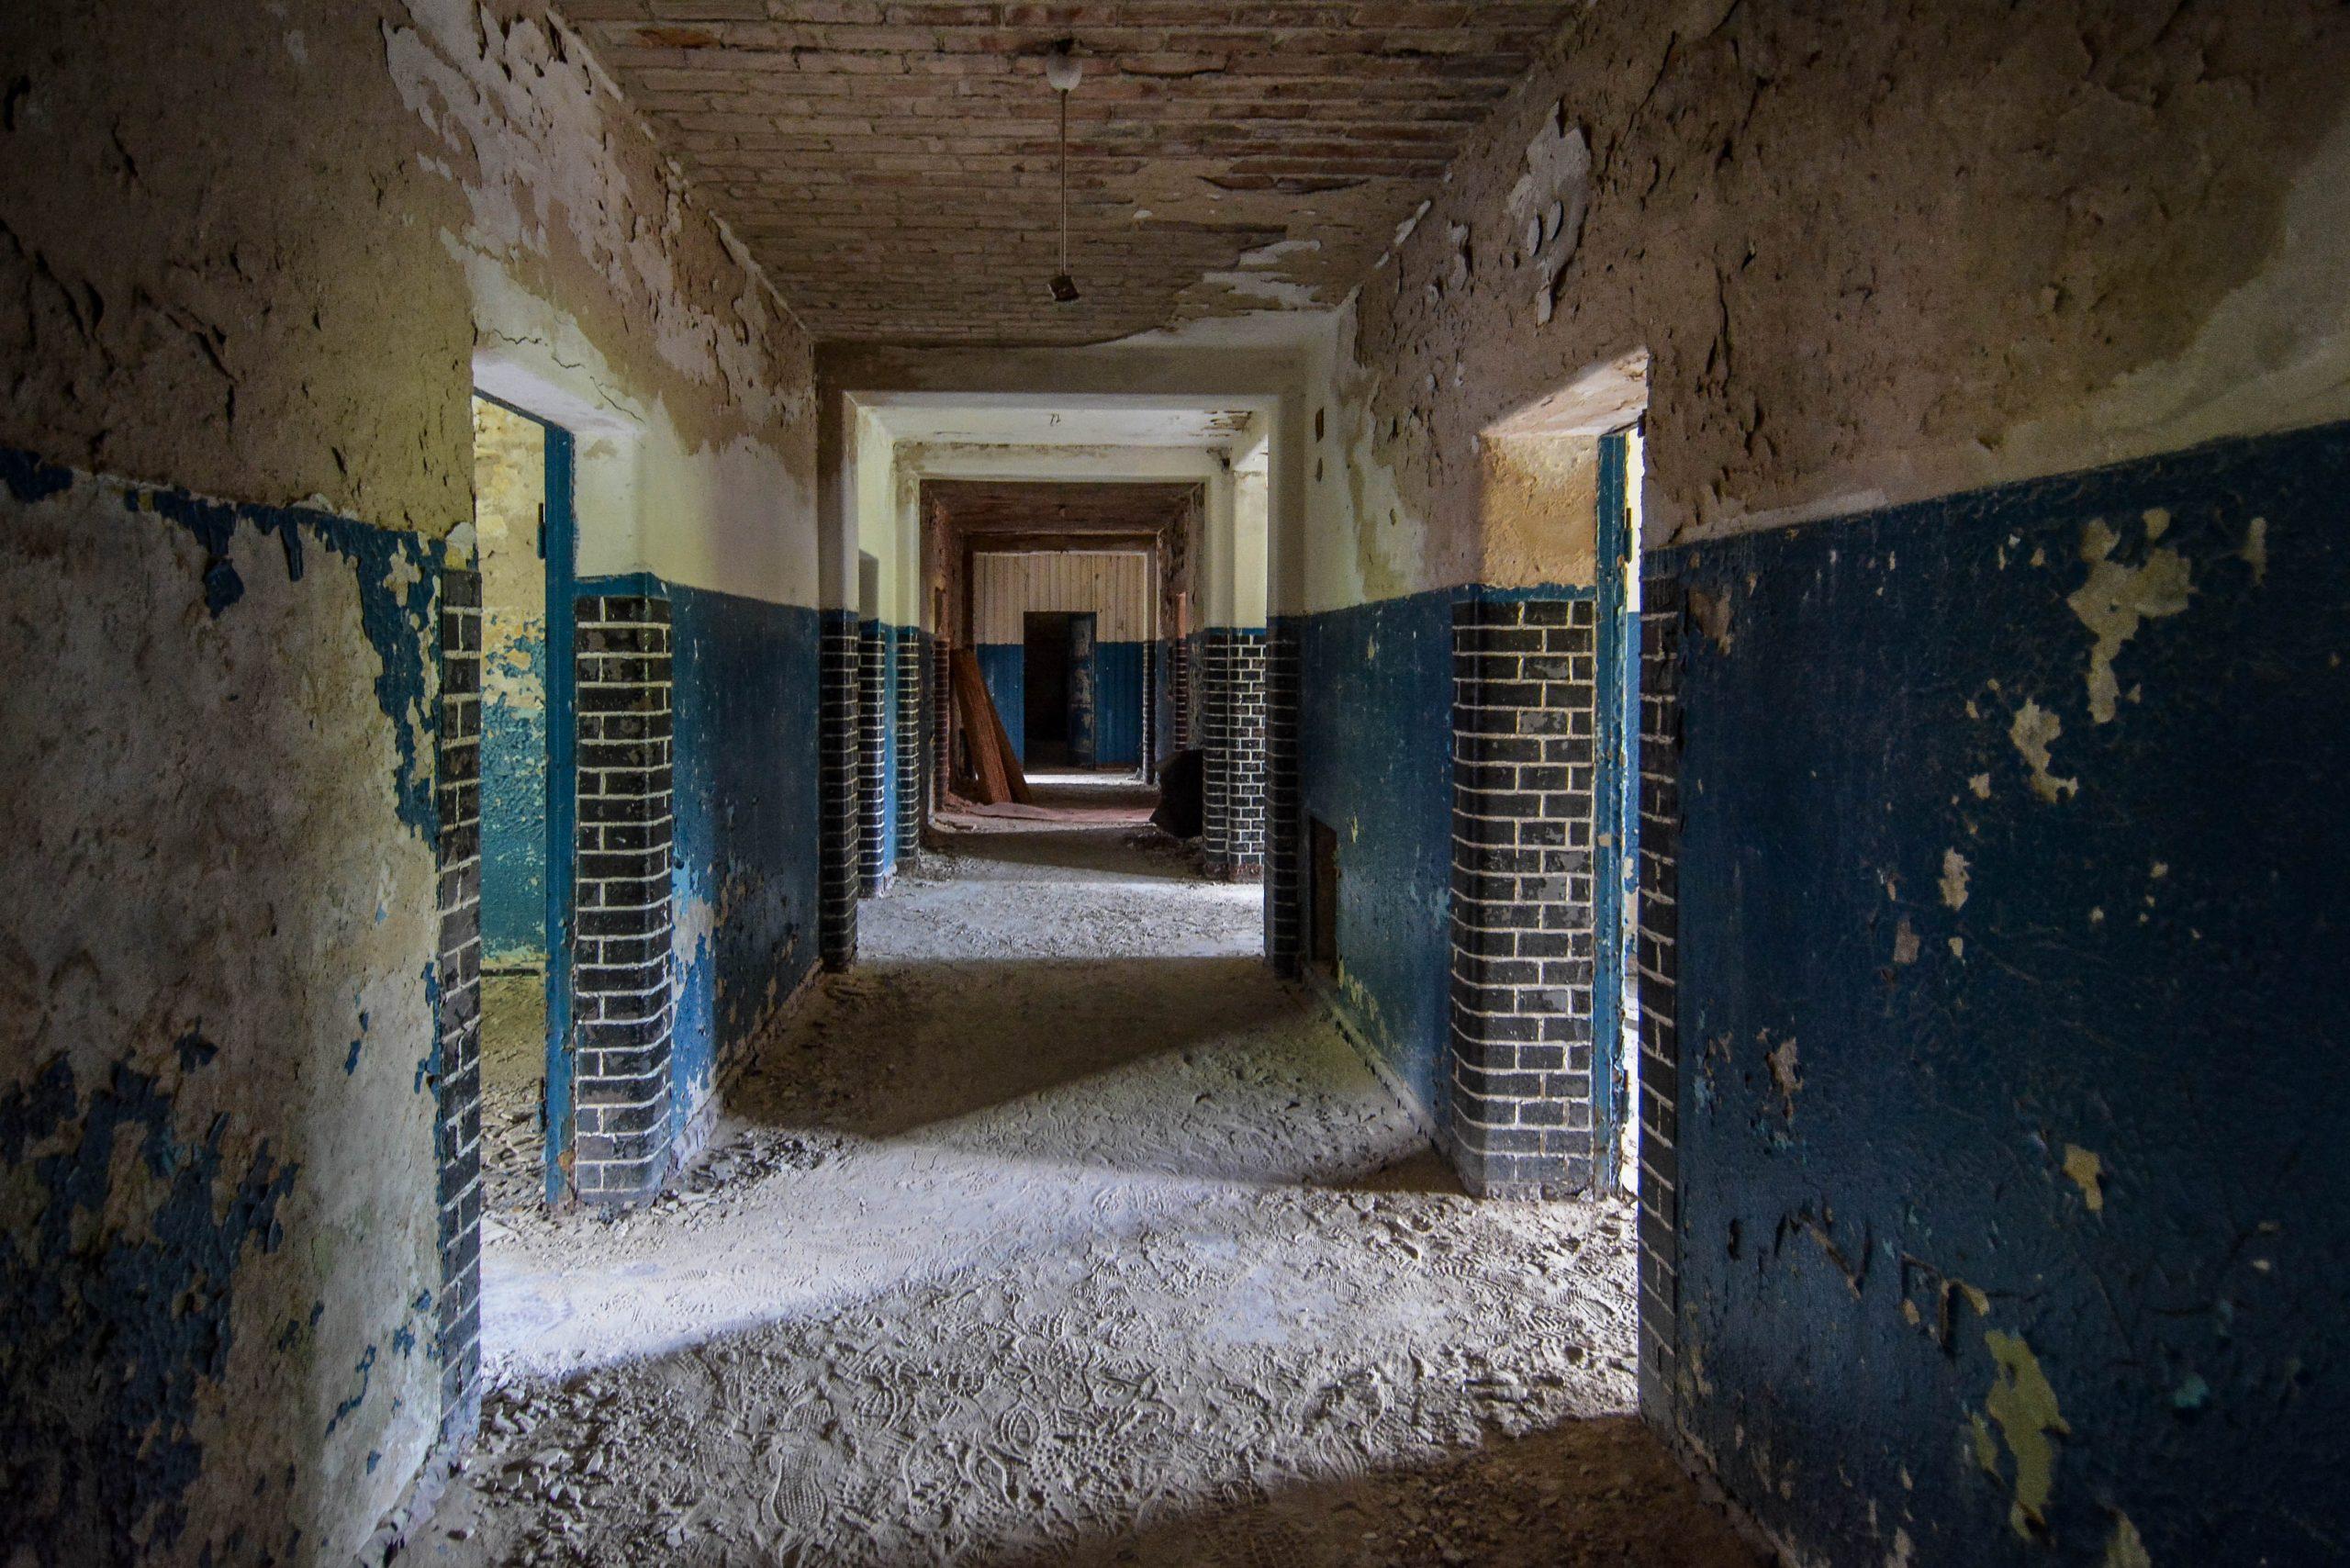 blue walls blue bricks tuberkulose heilstaette grabowsee sanatorium hospital oranienburg lost places abandoned urbex brandenburg germany deutschland